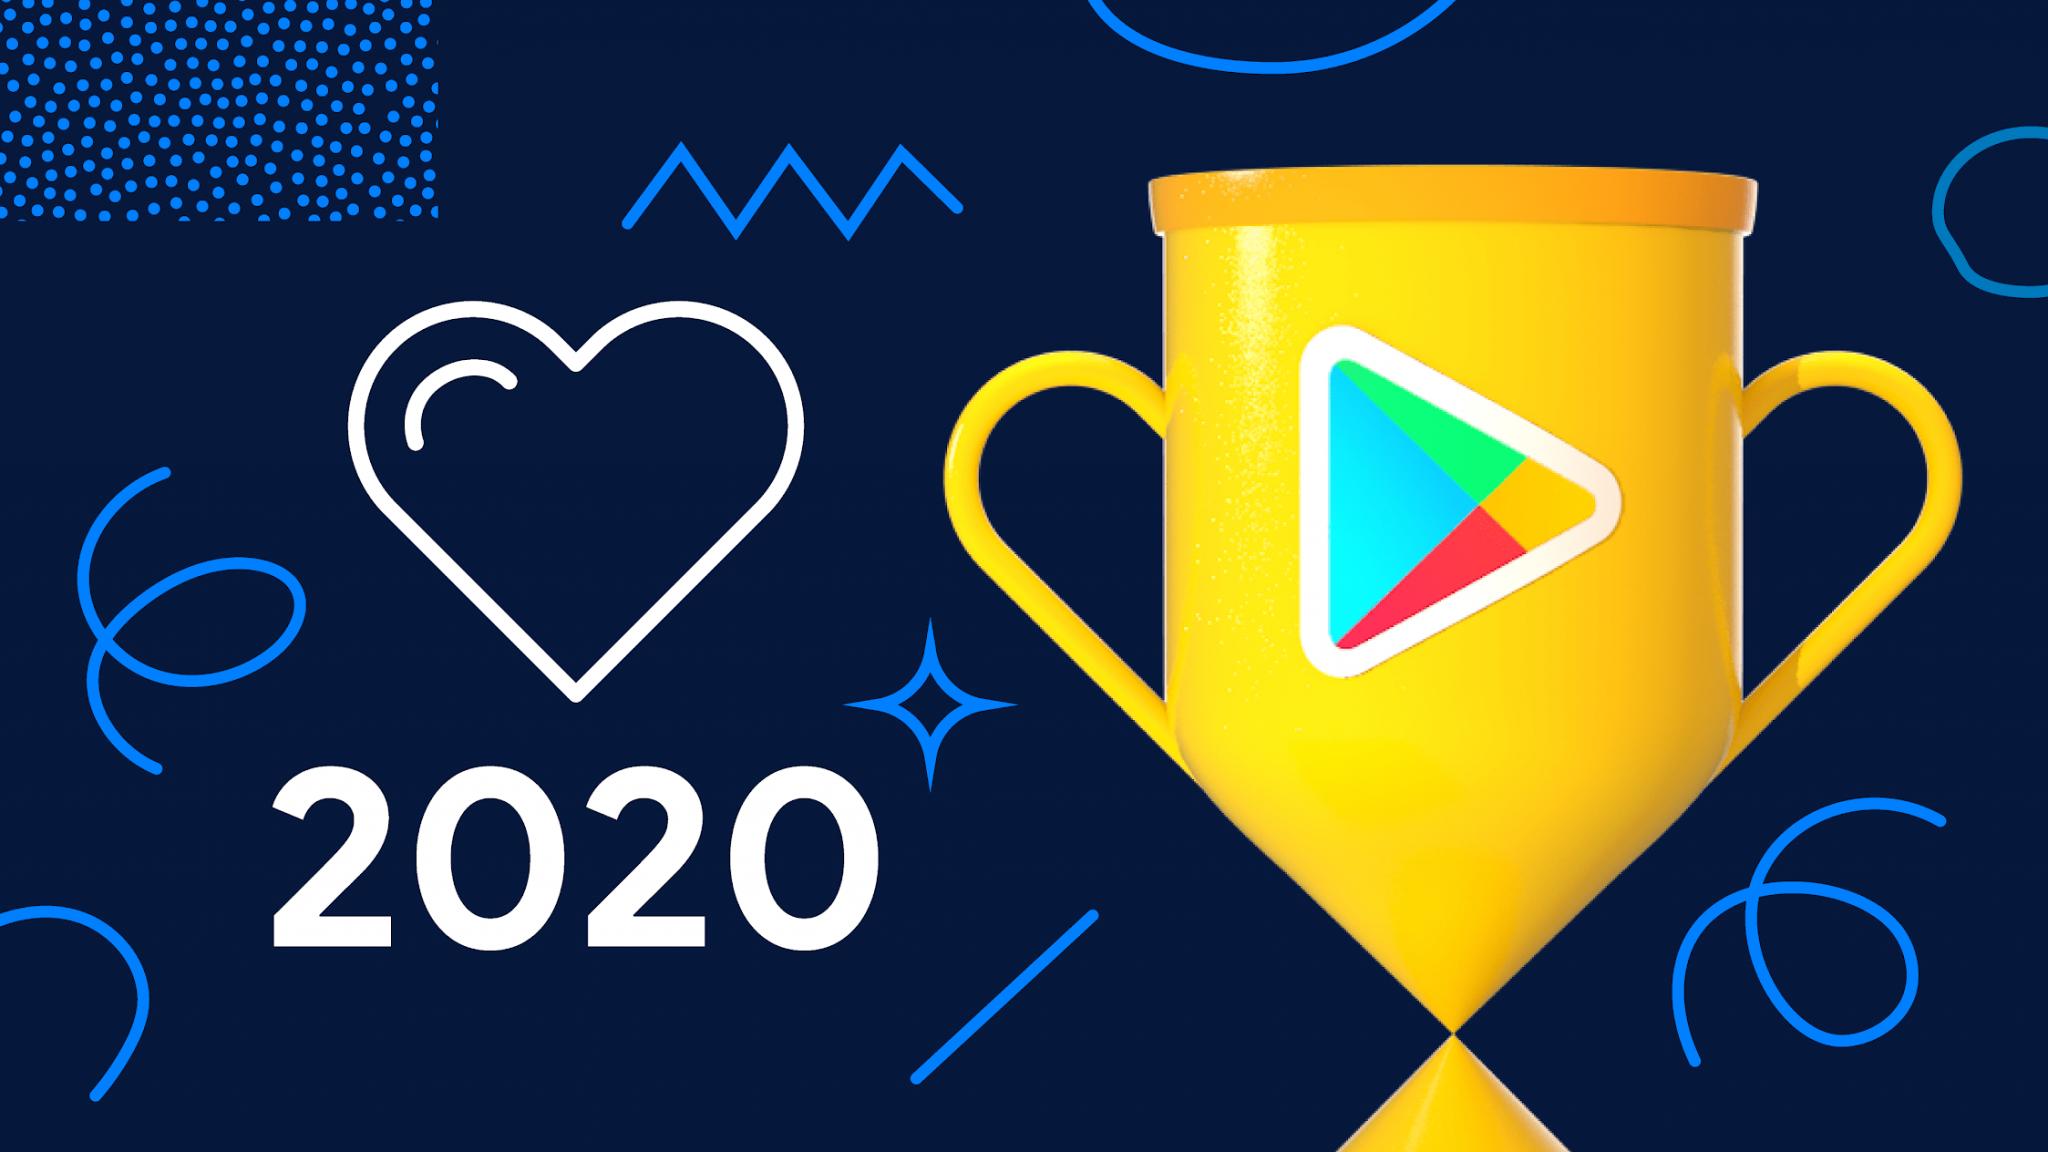 Google play awards reúne os melhores apps android de 2020